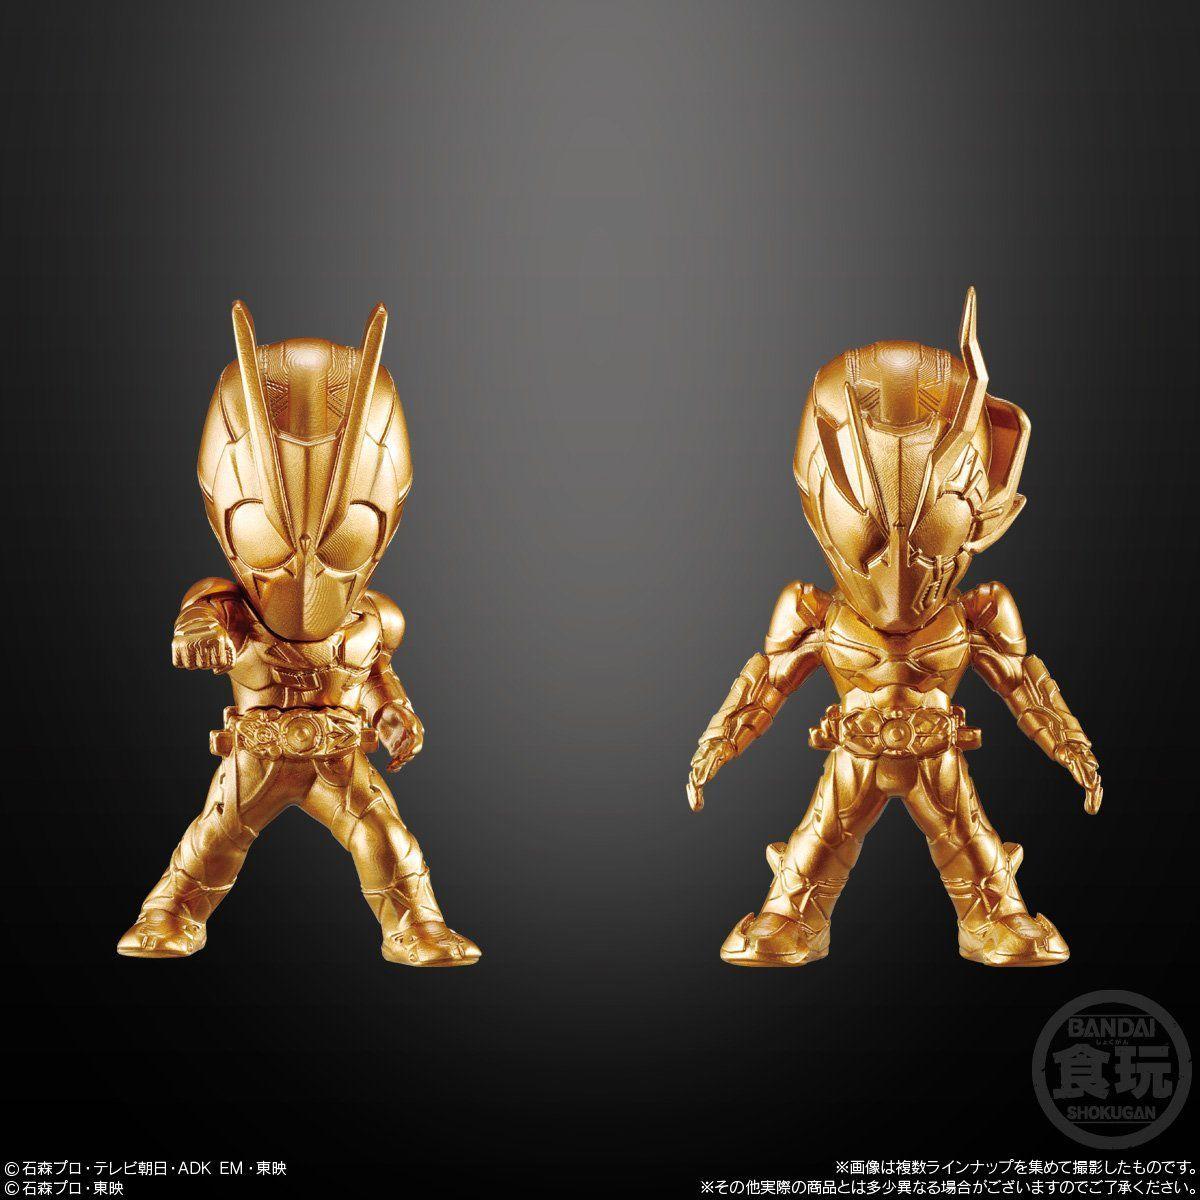 【食玩】『仮面ライダーゴールドフィギュア04』16個入りBOX-003